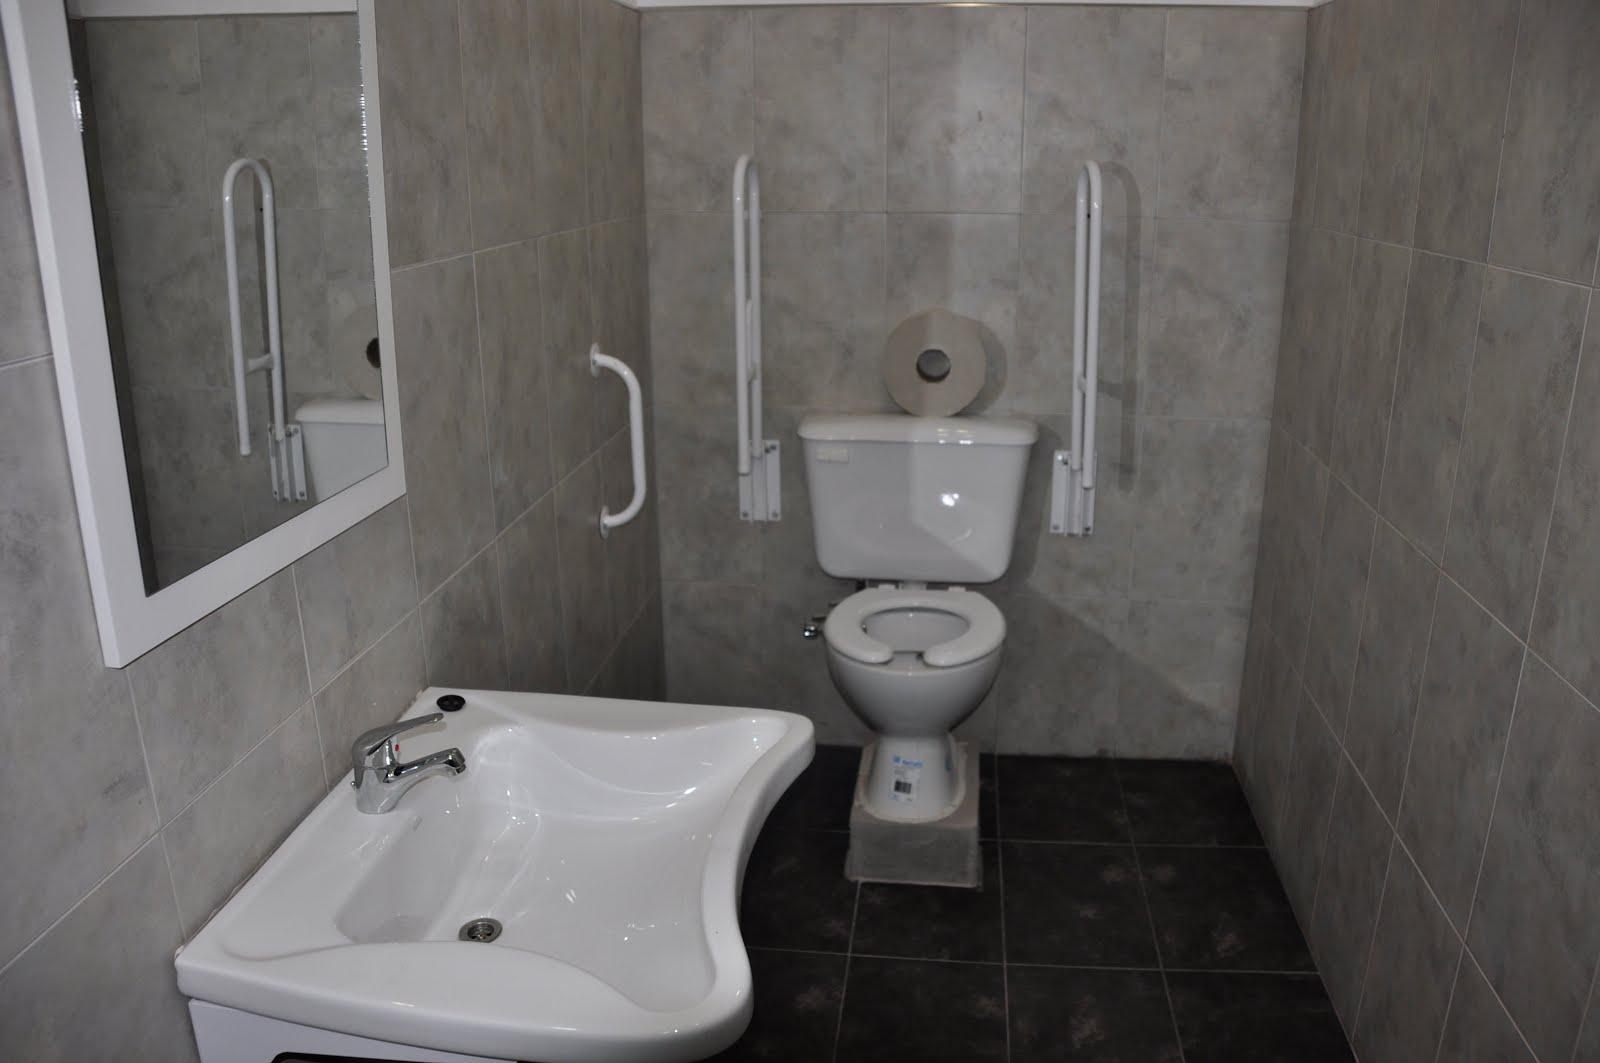 Diseno Baño Discapacitados:Baños para discapacitados en el segundo piso del ISET 18